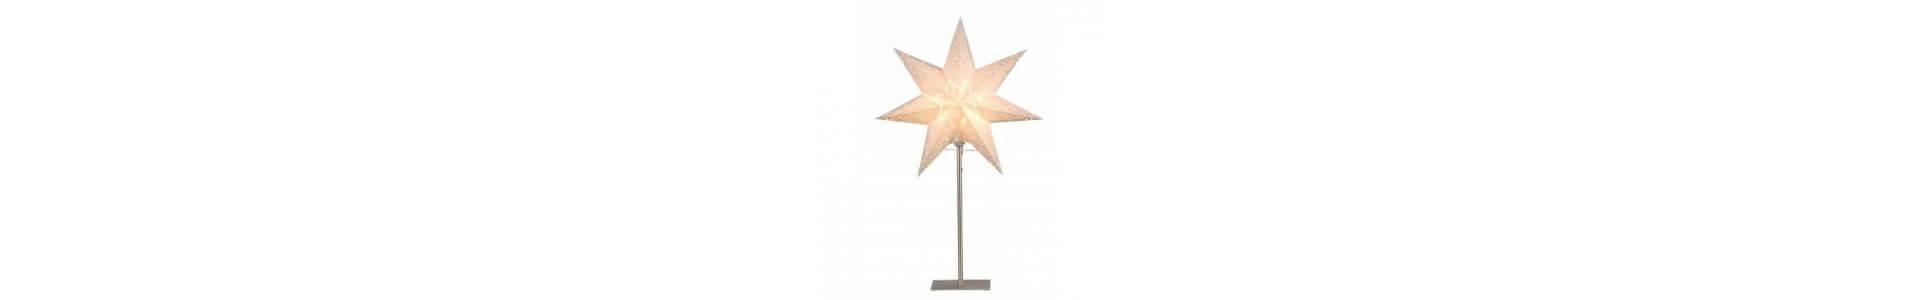 Julstjärnor på fot